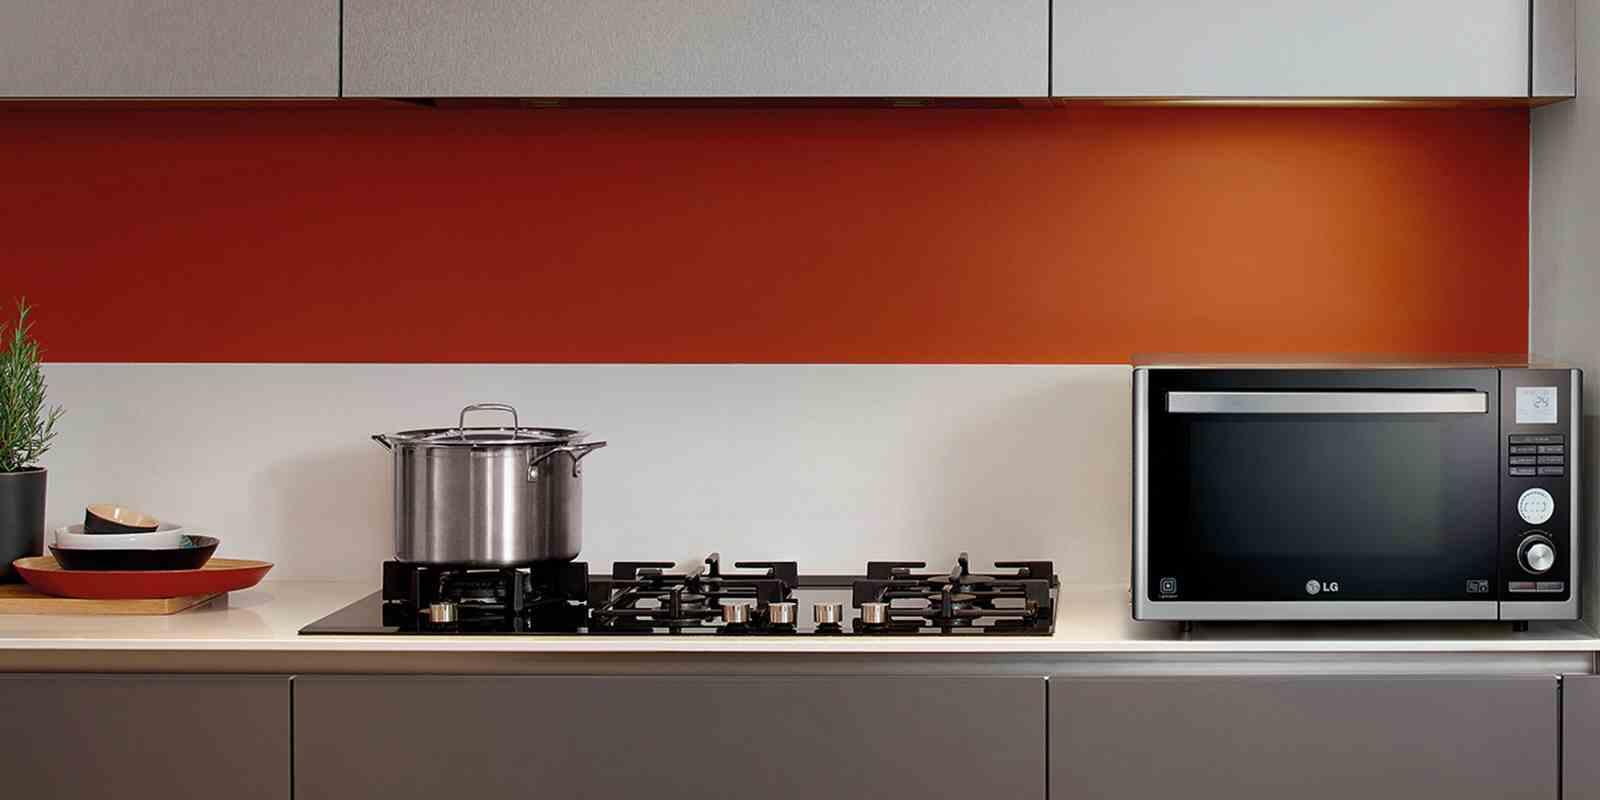 Mutfak için ev aletleri: artık mikrodalga fırın yapmak kolaydır